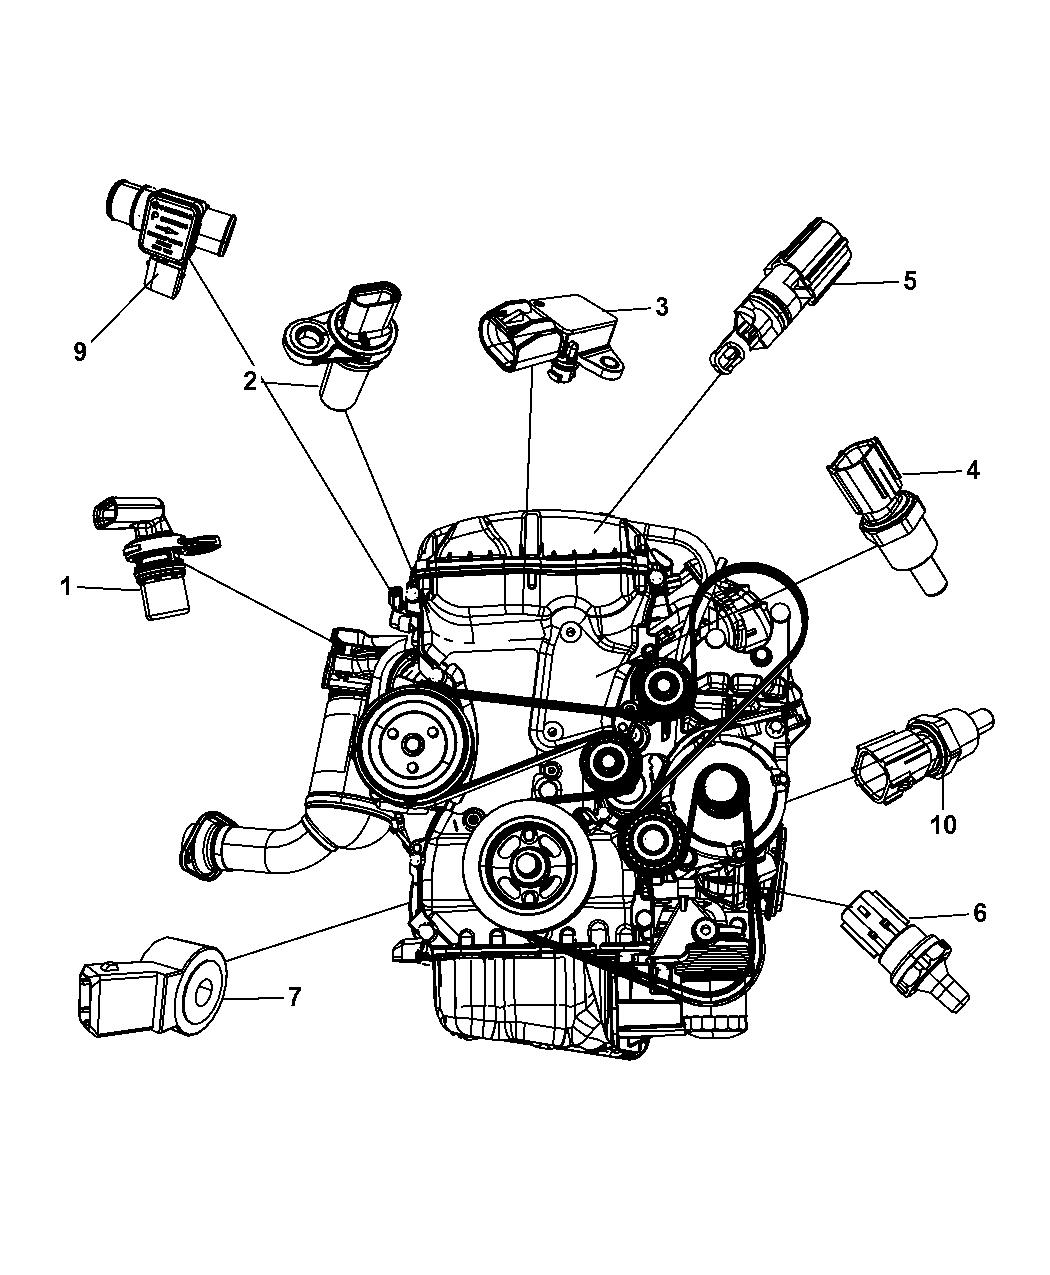 2010 chrysler sebring sensors engine mopar parts giant caterpillar engine diagrams 2010 chrysler engine diagram #3